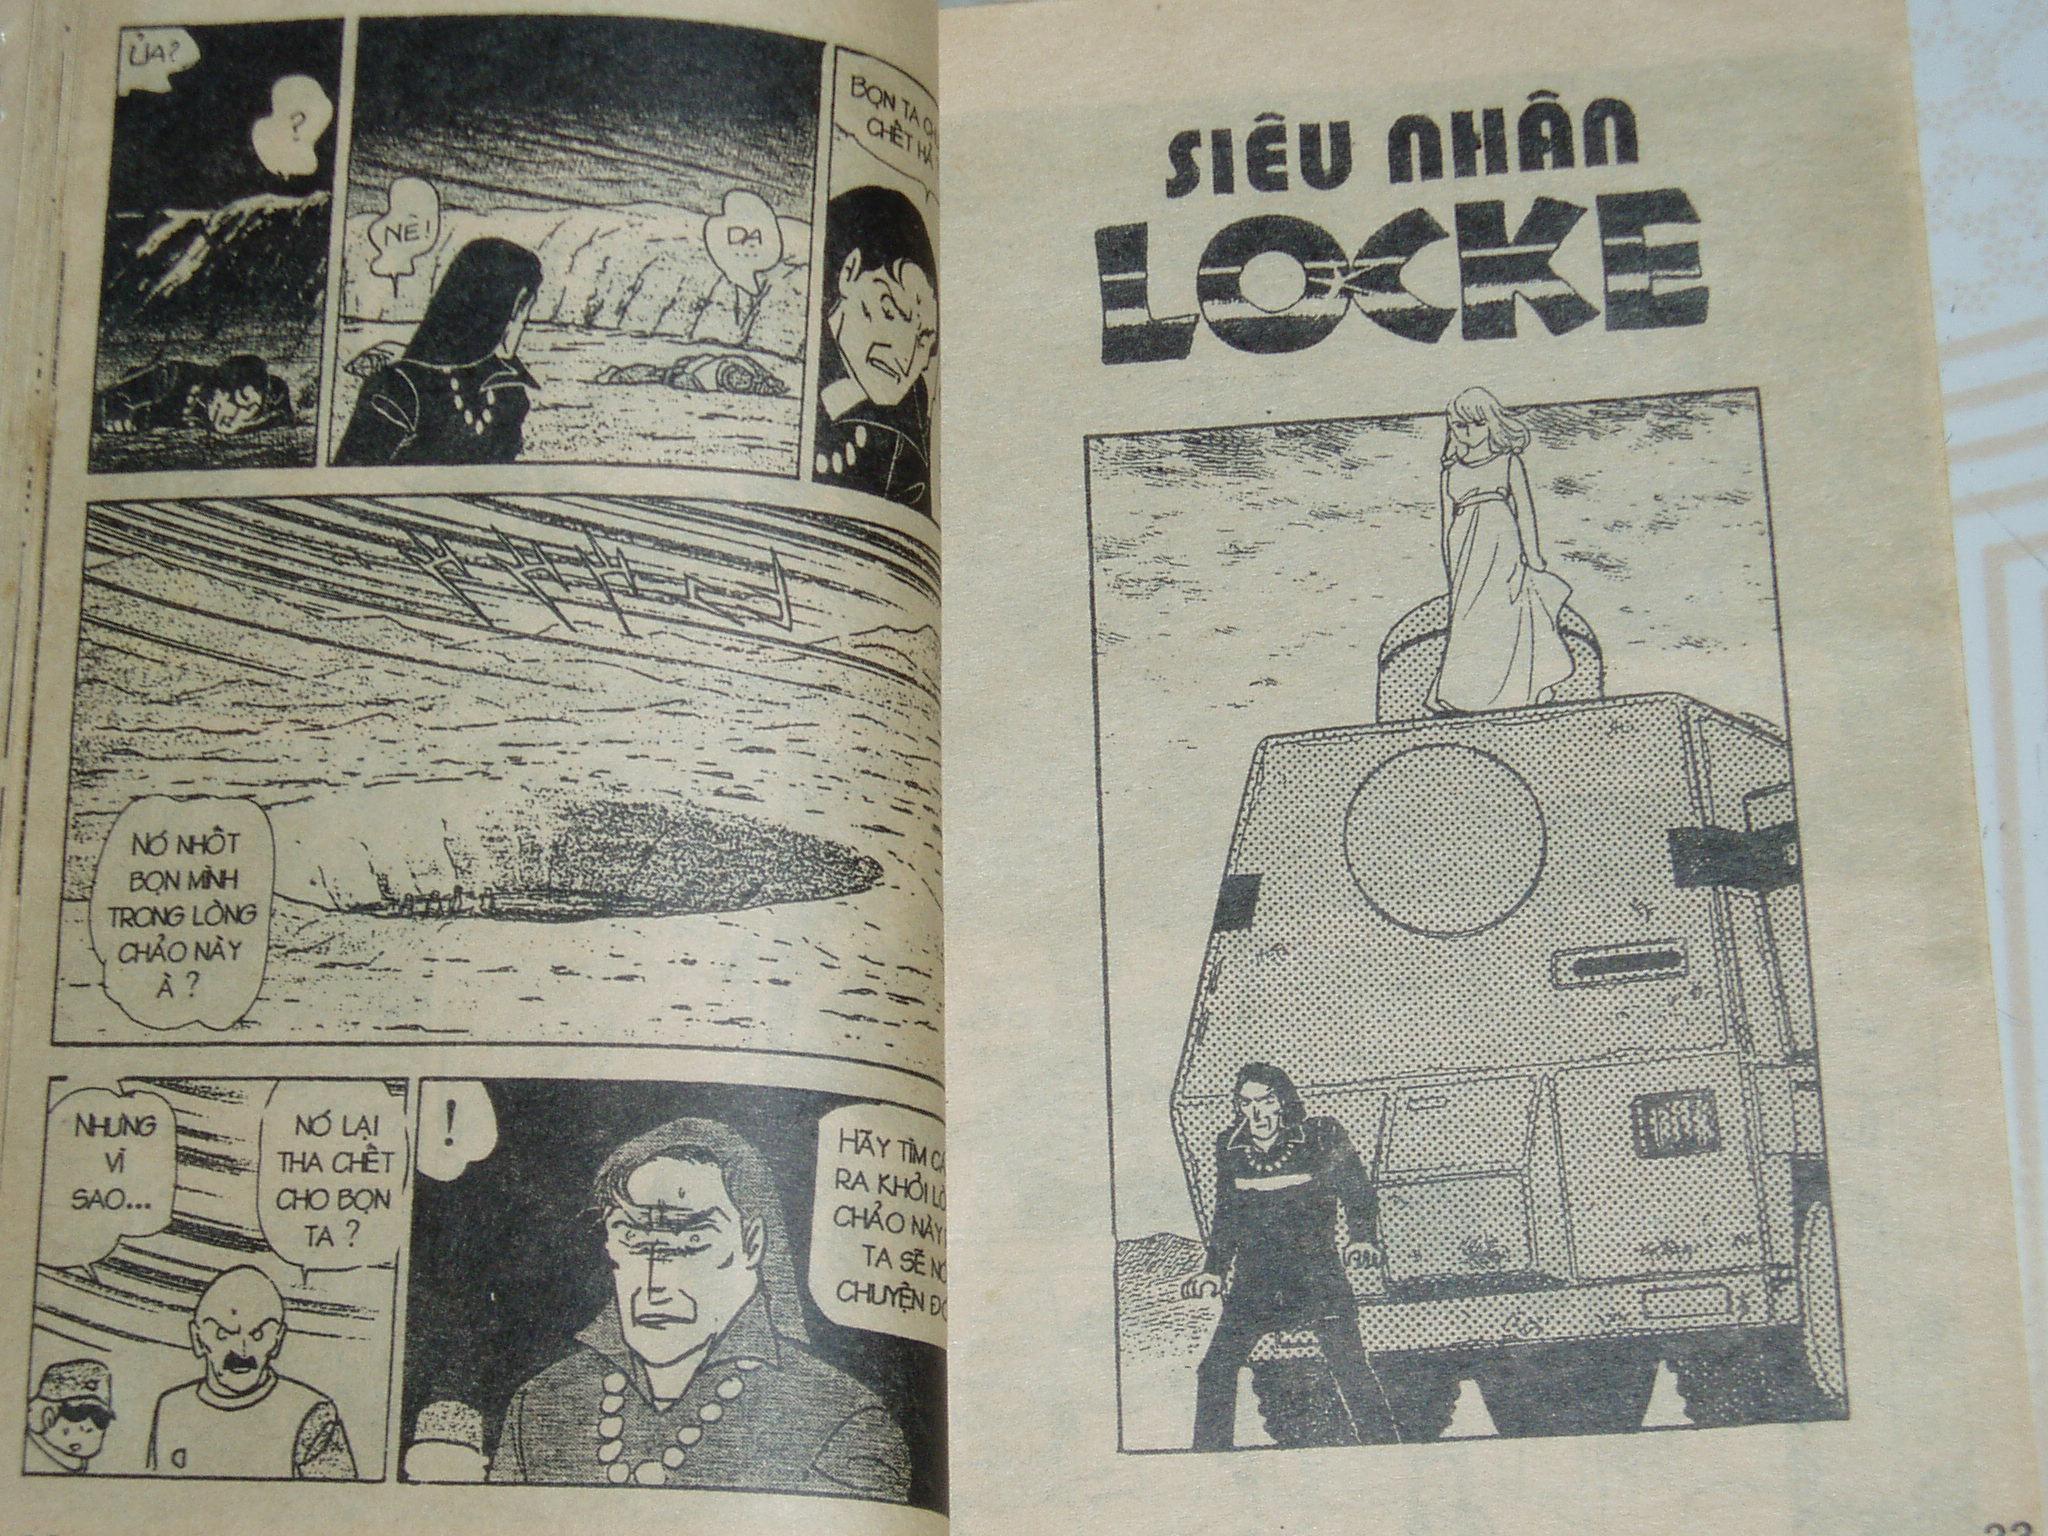 Siêu nhân Locke vol 18 trang 15